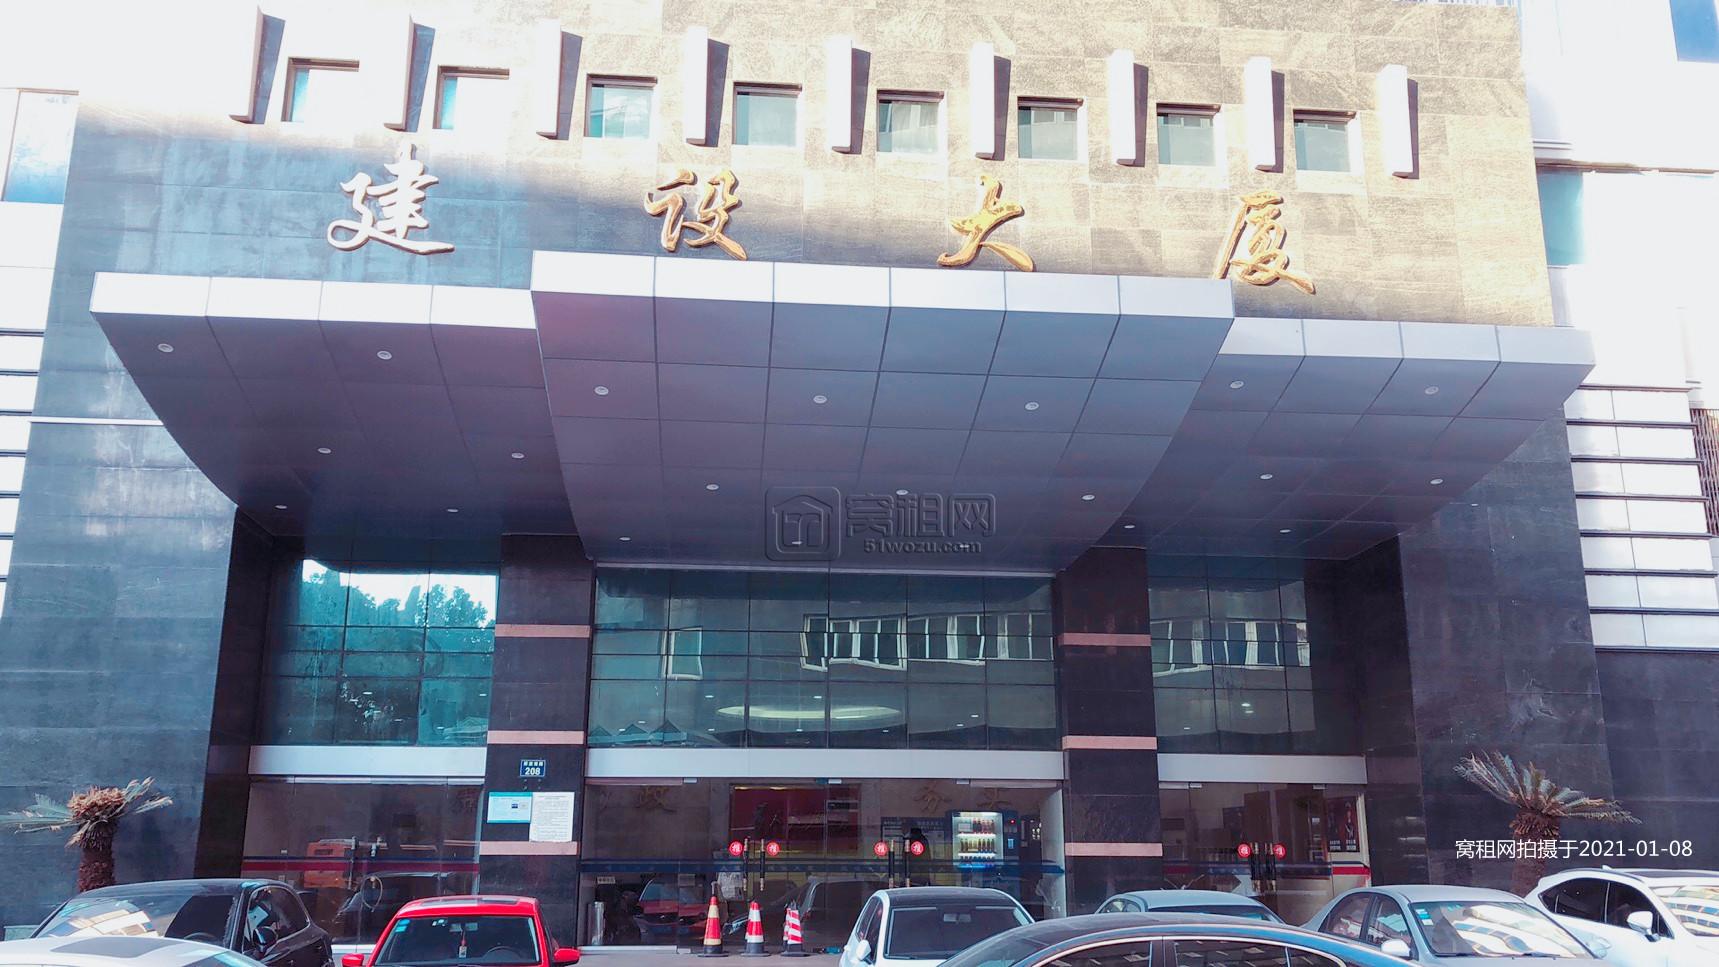 宁波建设大厦